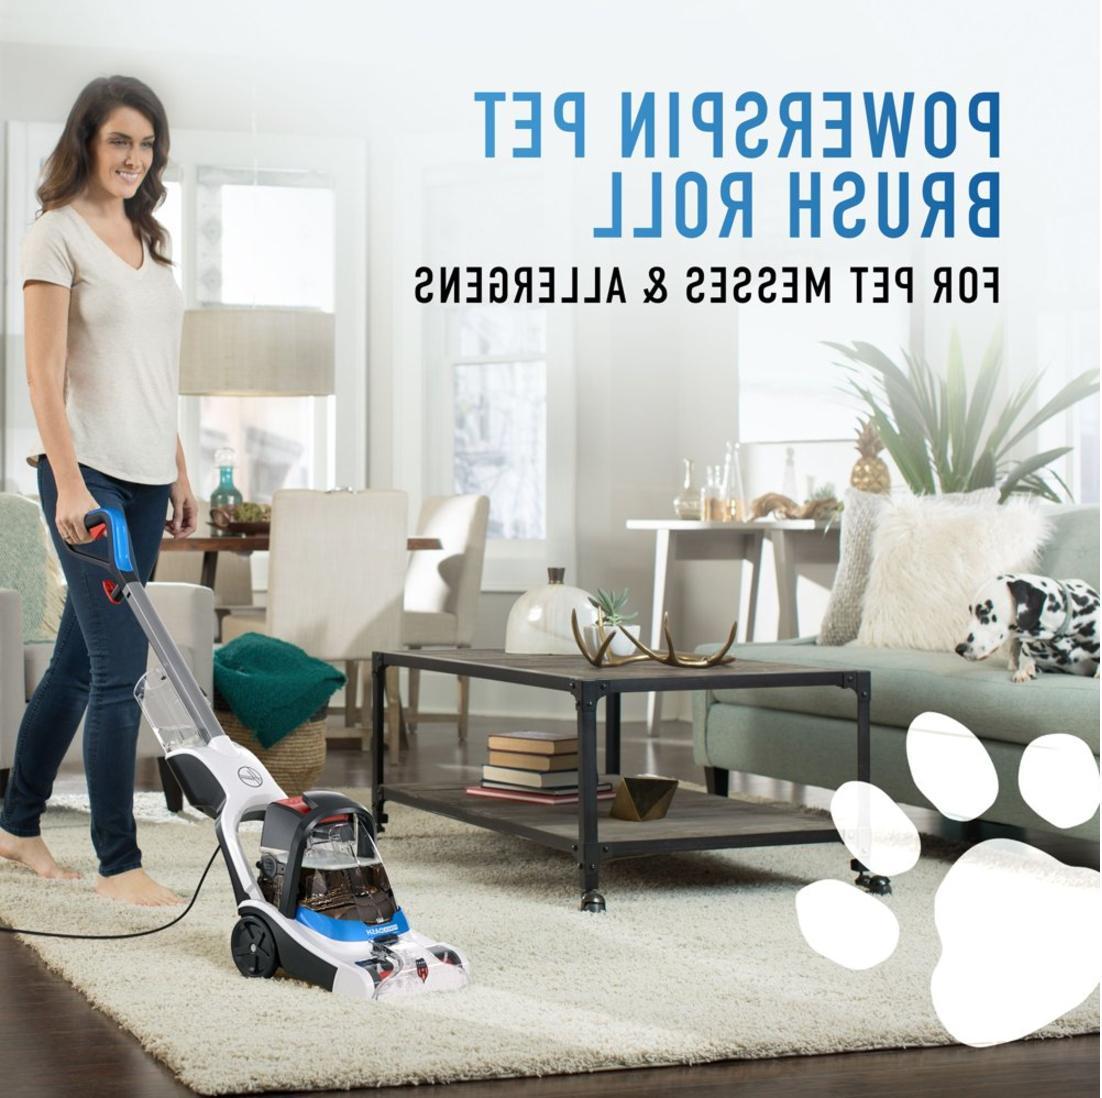 Hoover PowerDash Pet Cleaner /